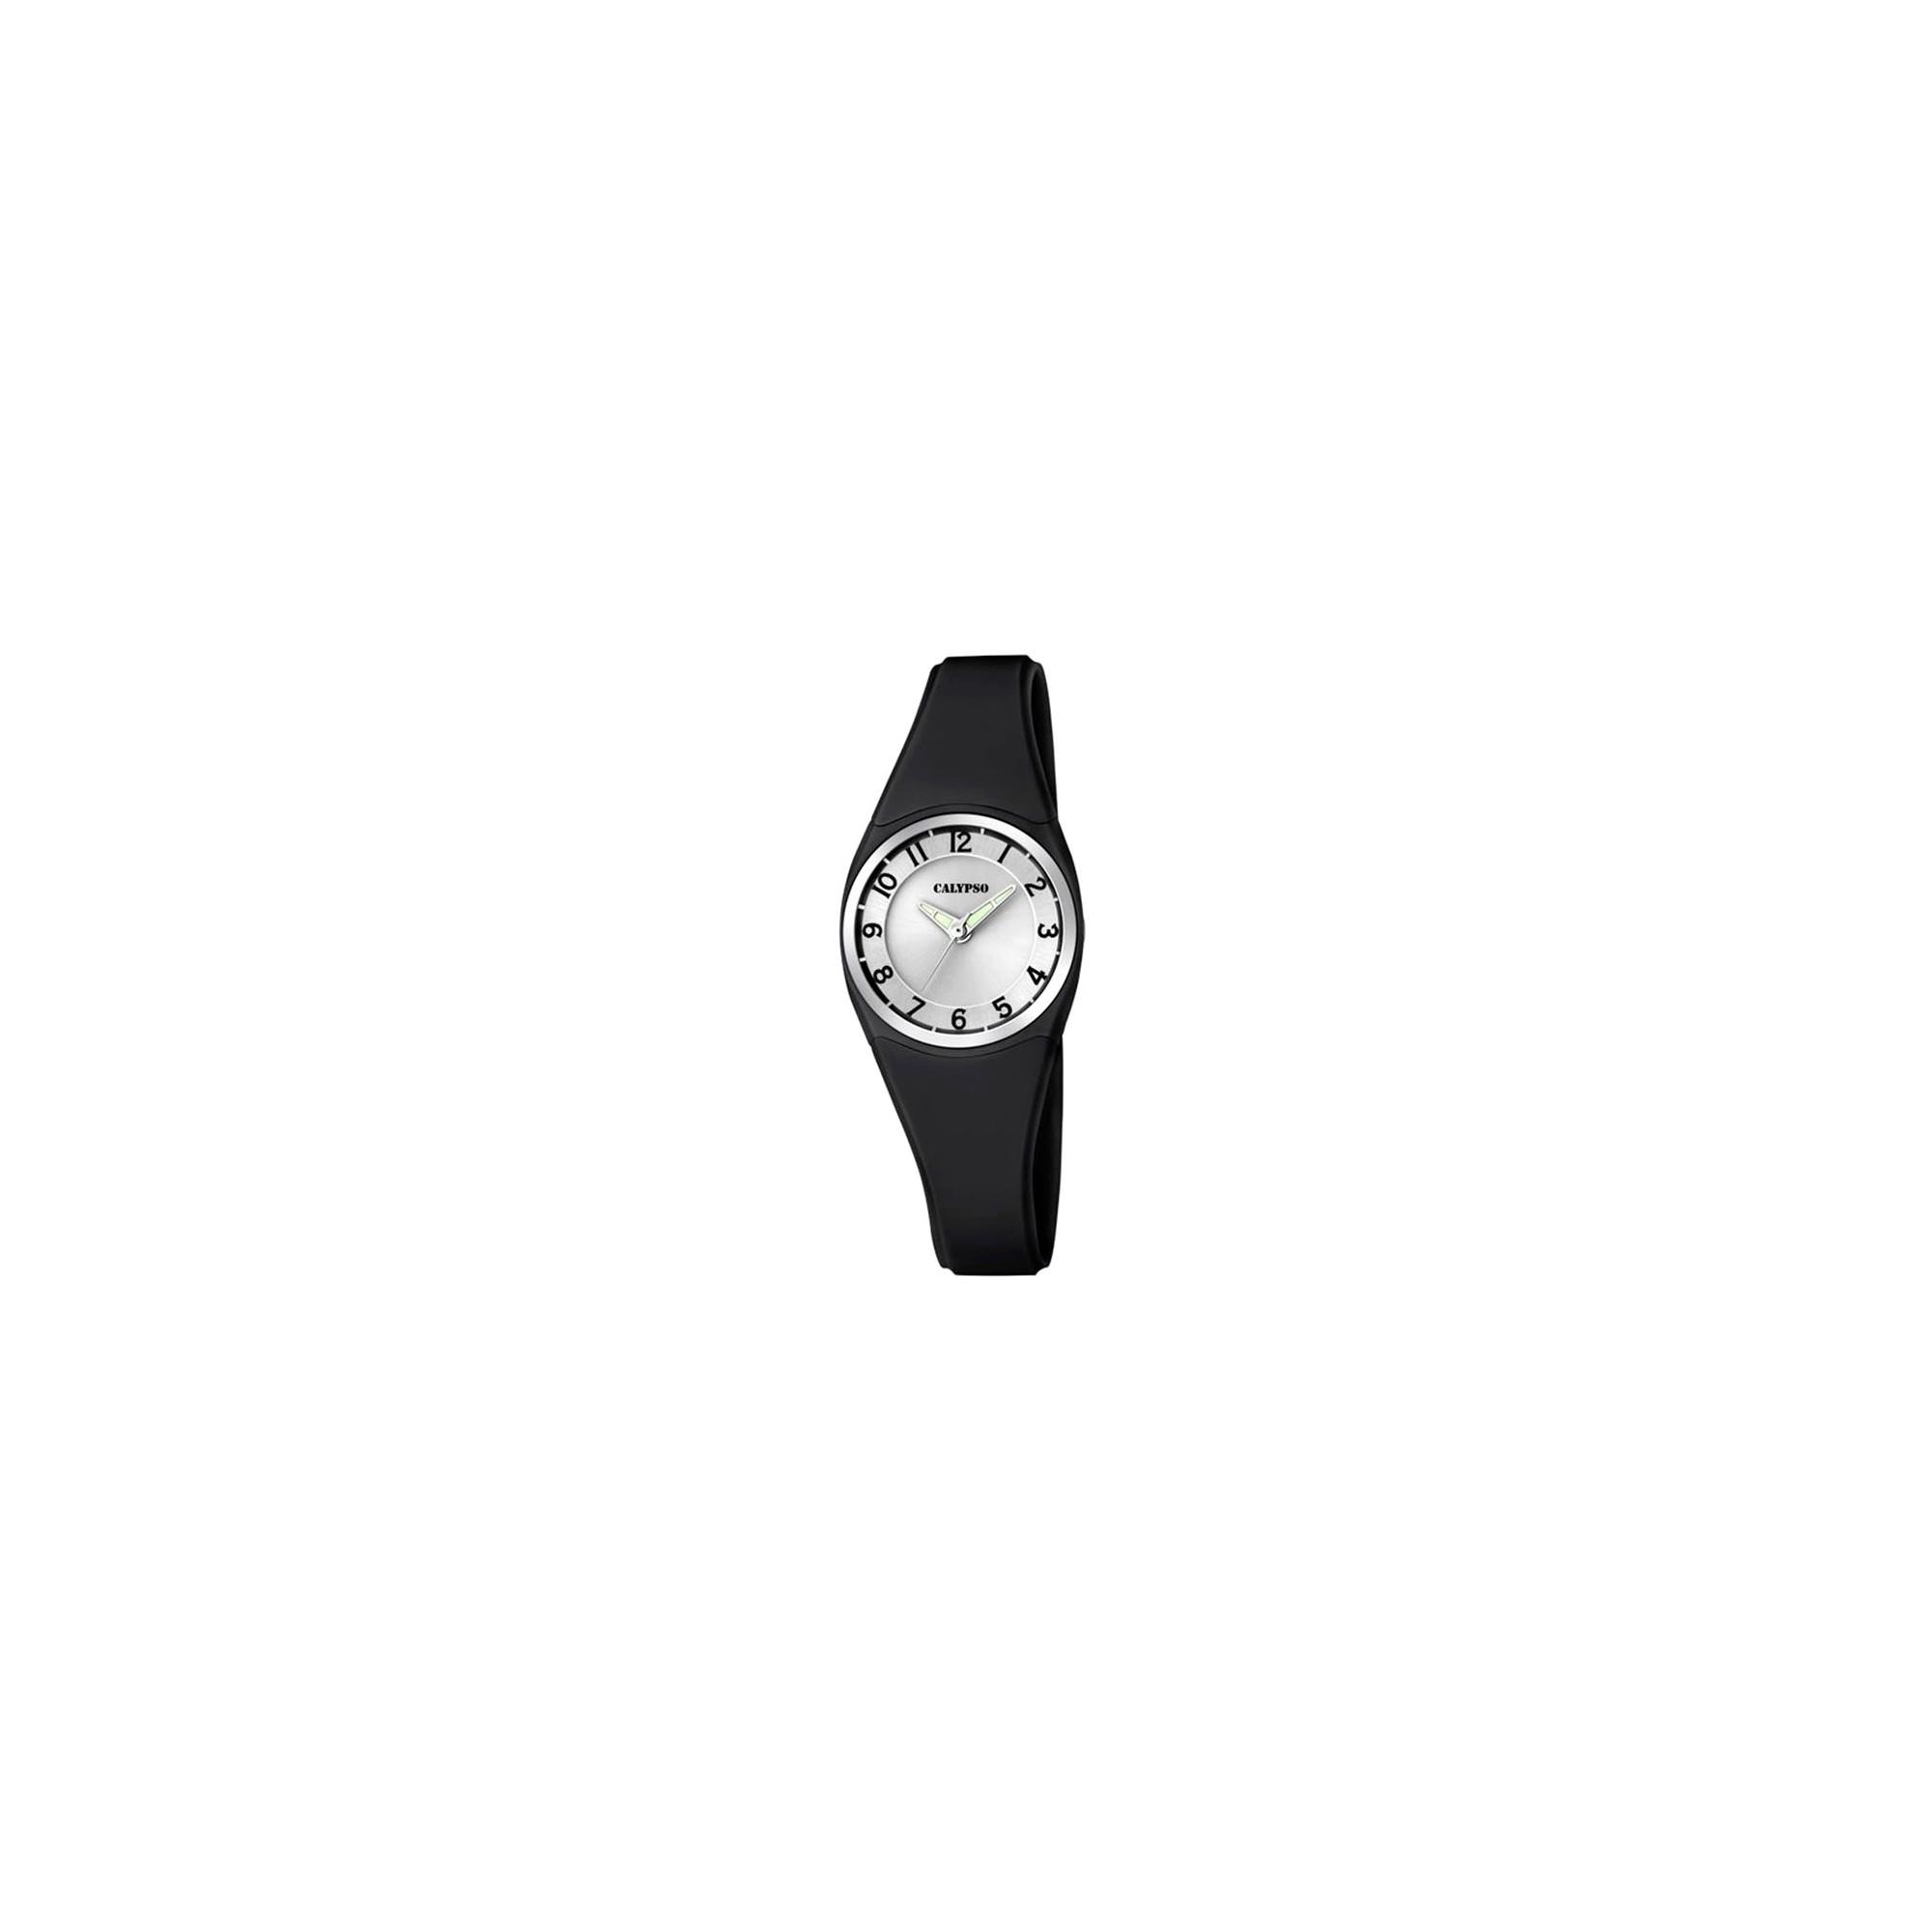 Reloj Calypso Correa Goma Negra